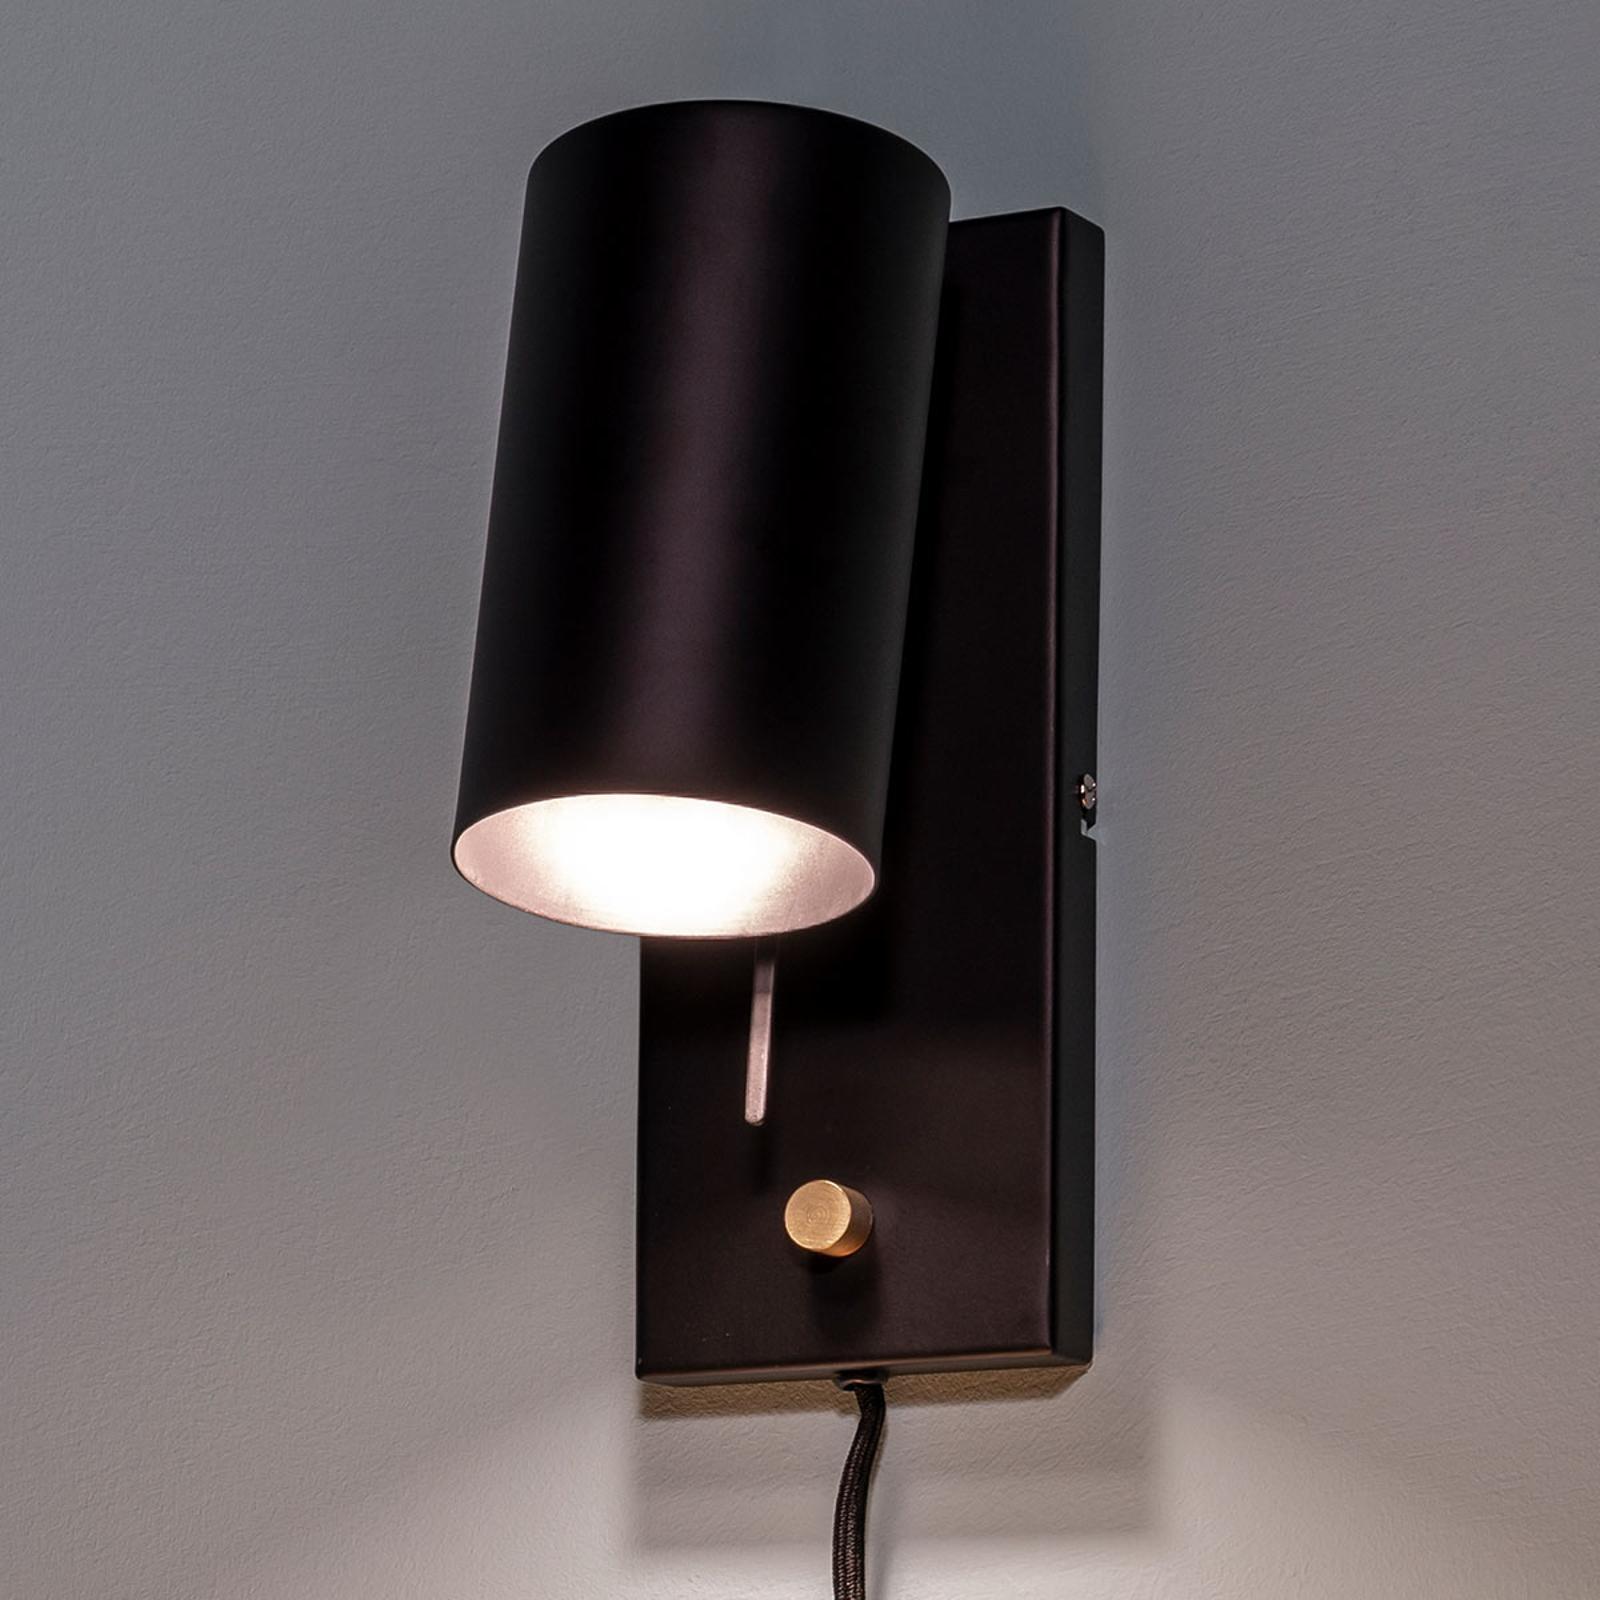 Wandspot CAREY mit Schalter in Chrom 2er Set schwenkbare LED Wandleuchte